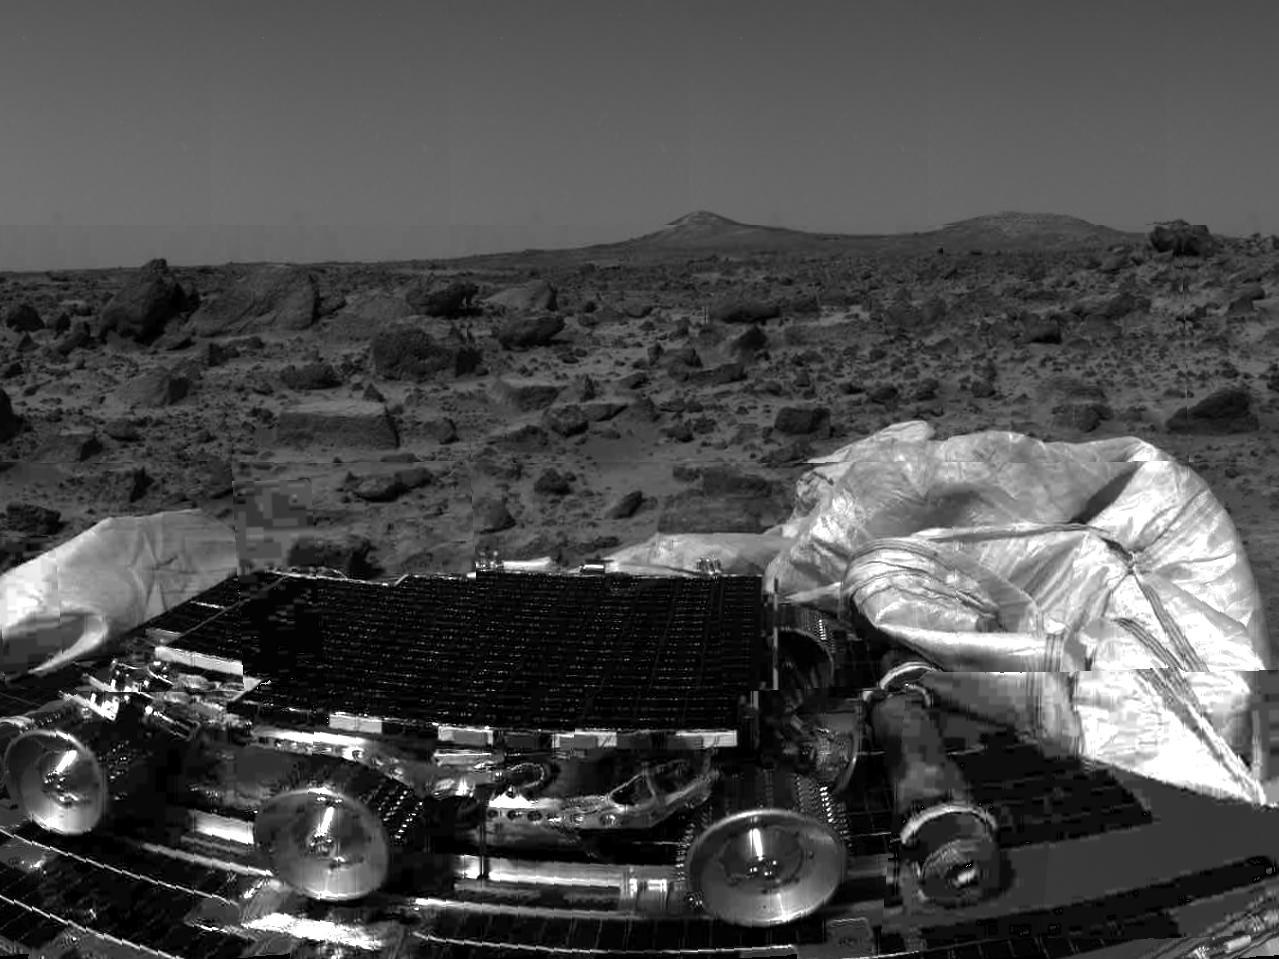 mars rover july 4 1997 - photo #10